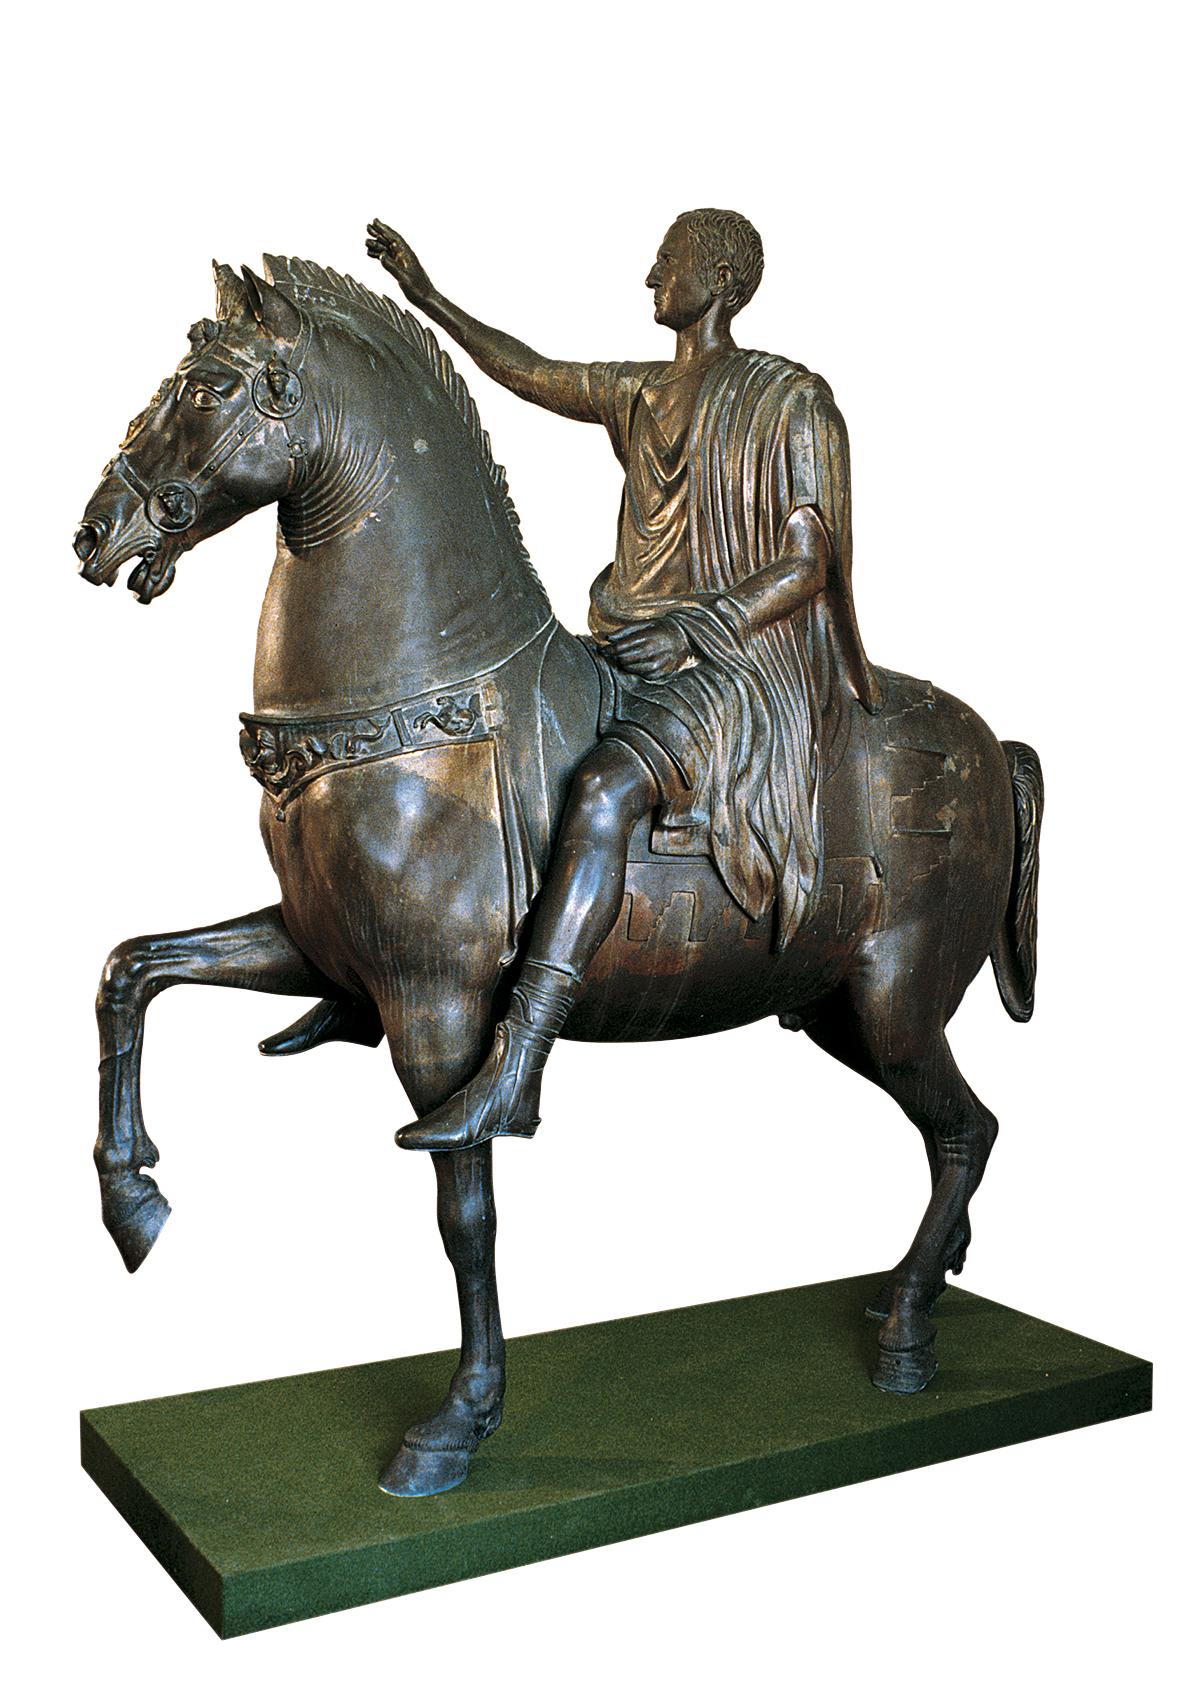 Ritratto equestre, dal gruppo scultoreo da Cartoceto di Pergola (copia in bronzo)